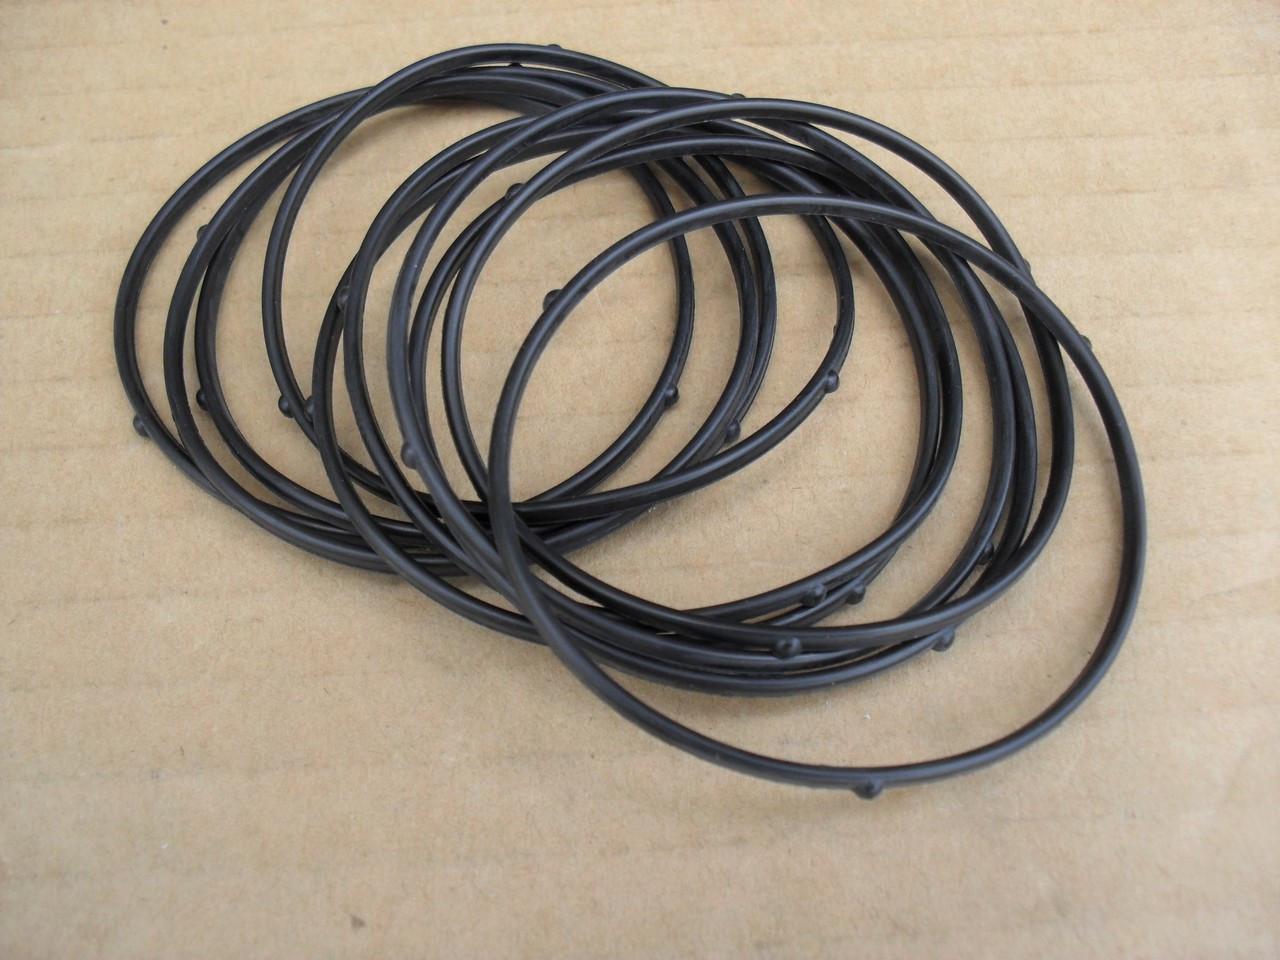 carburetor bowl o rings gasket for honda gx240 gx270 gx340 gx390 gxv270 [ 1280 x 960 Pixel ]